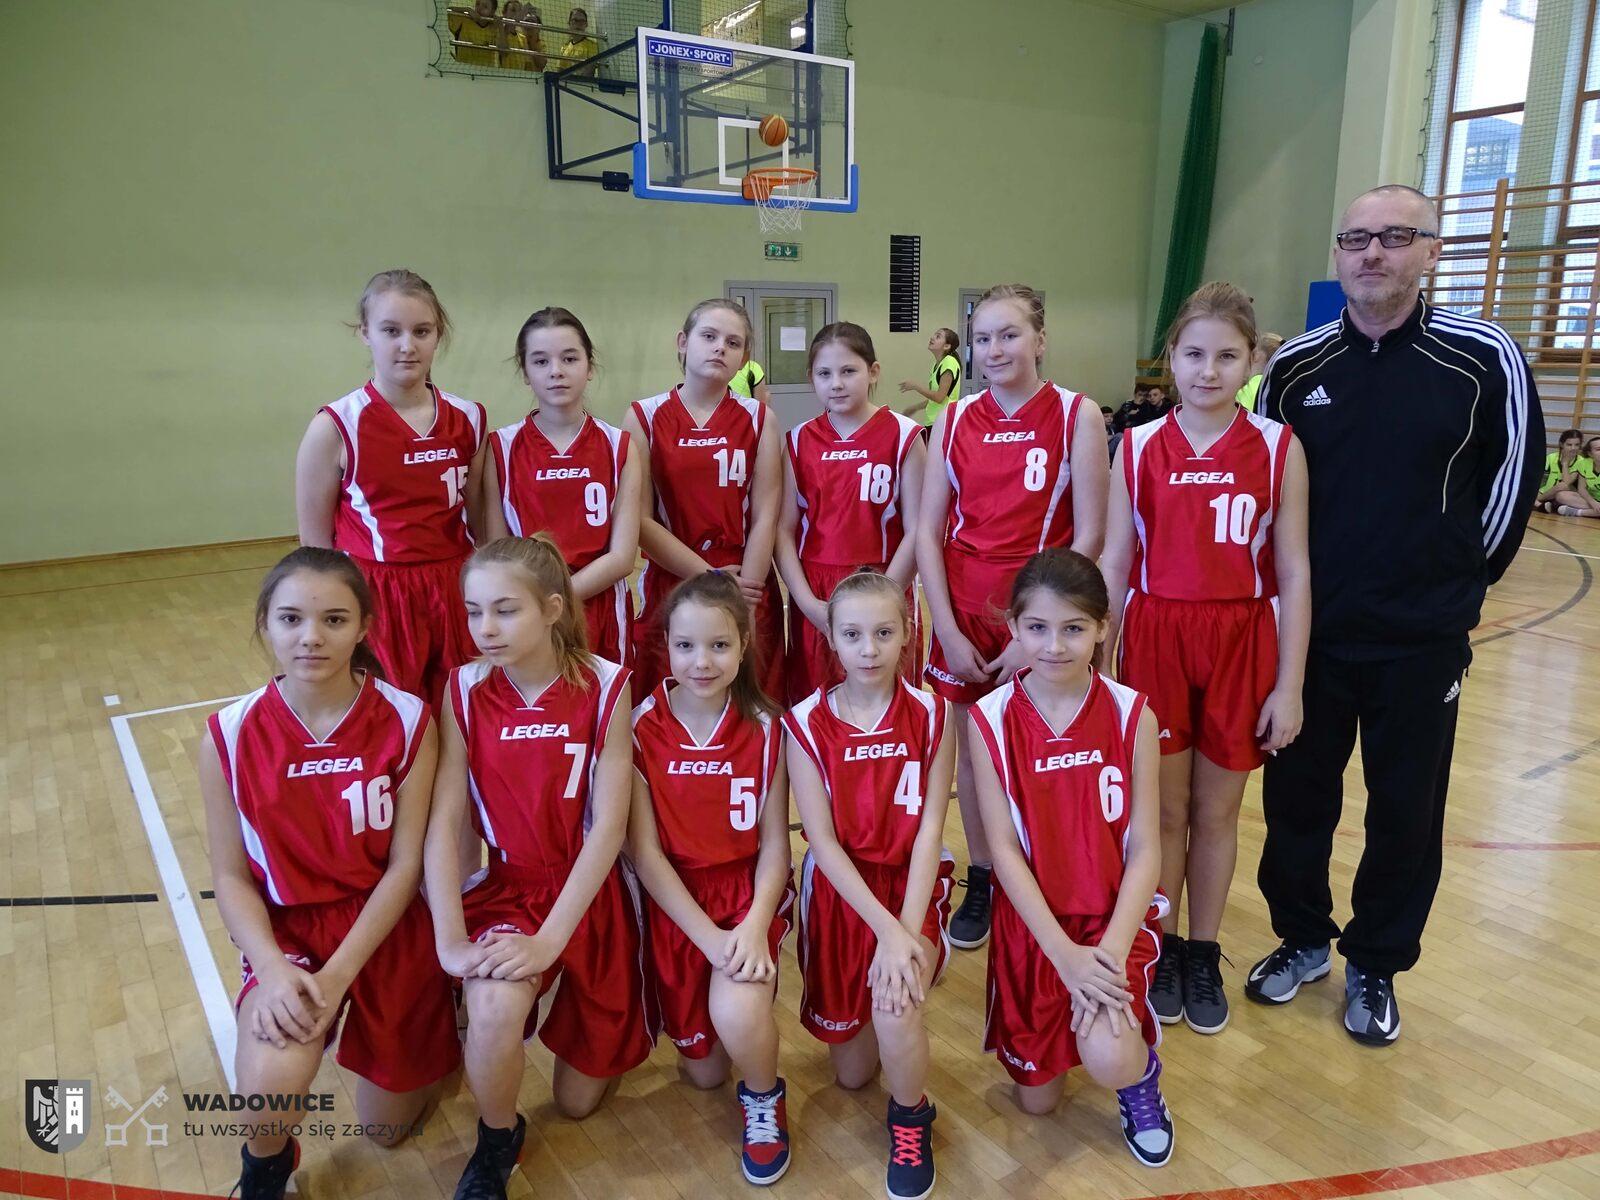 Turniej Finałowy Gminy Wadowice w Minikoszykówce dziewcząt